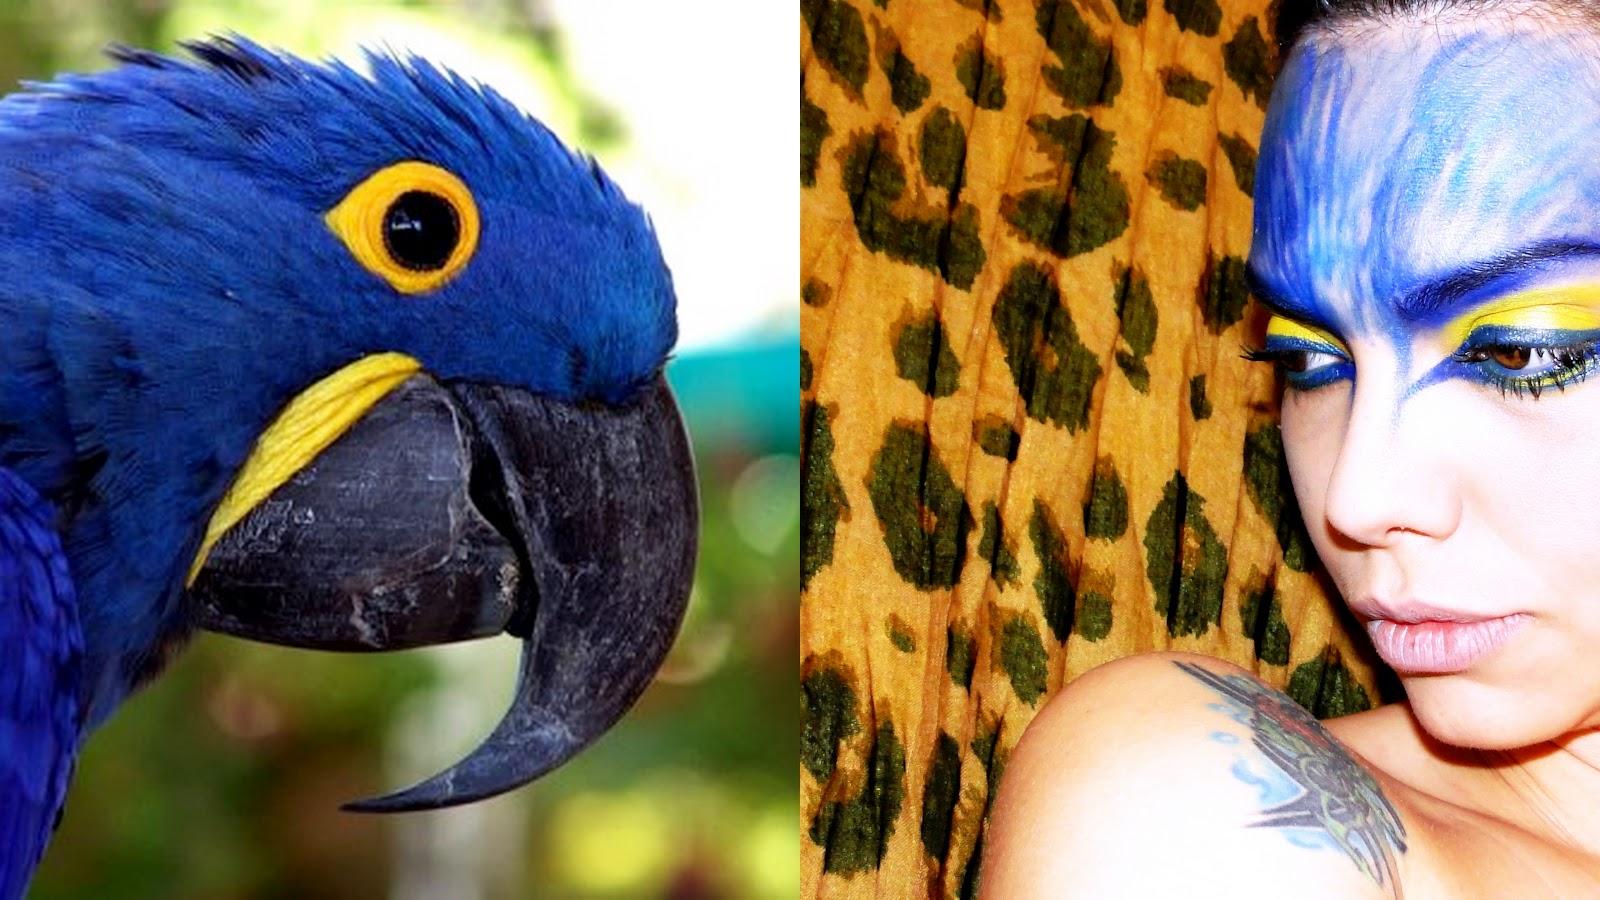 Arara-azul: A arara-azul-grande, originalmente encontrada nas matas brasileiras.Possui plumagem azul com um anel amarelo em torno dos olhos, e fita da mesma ... - ar1